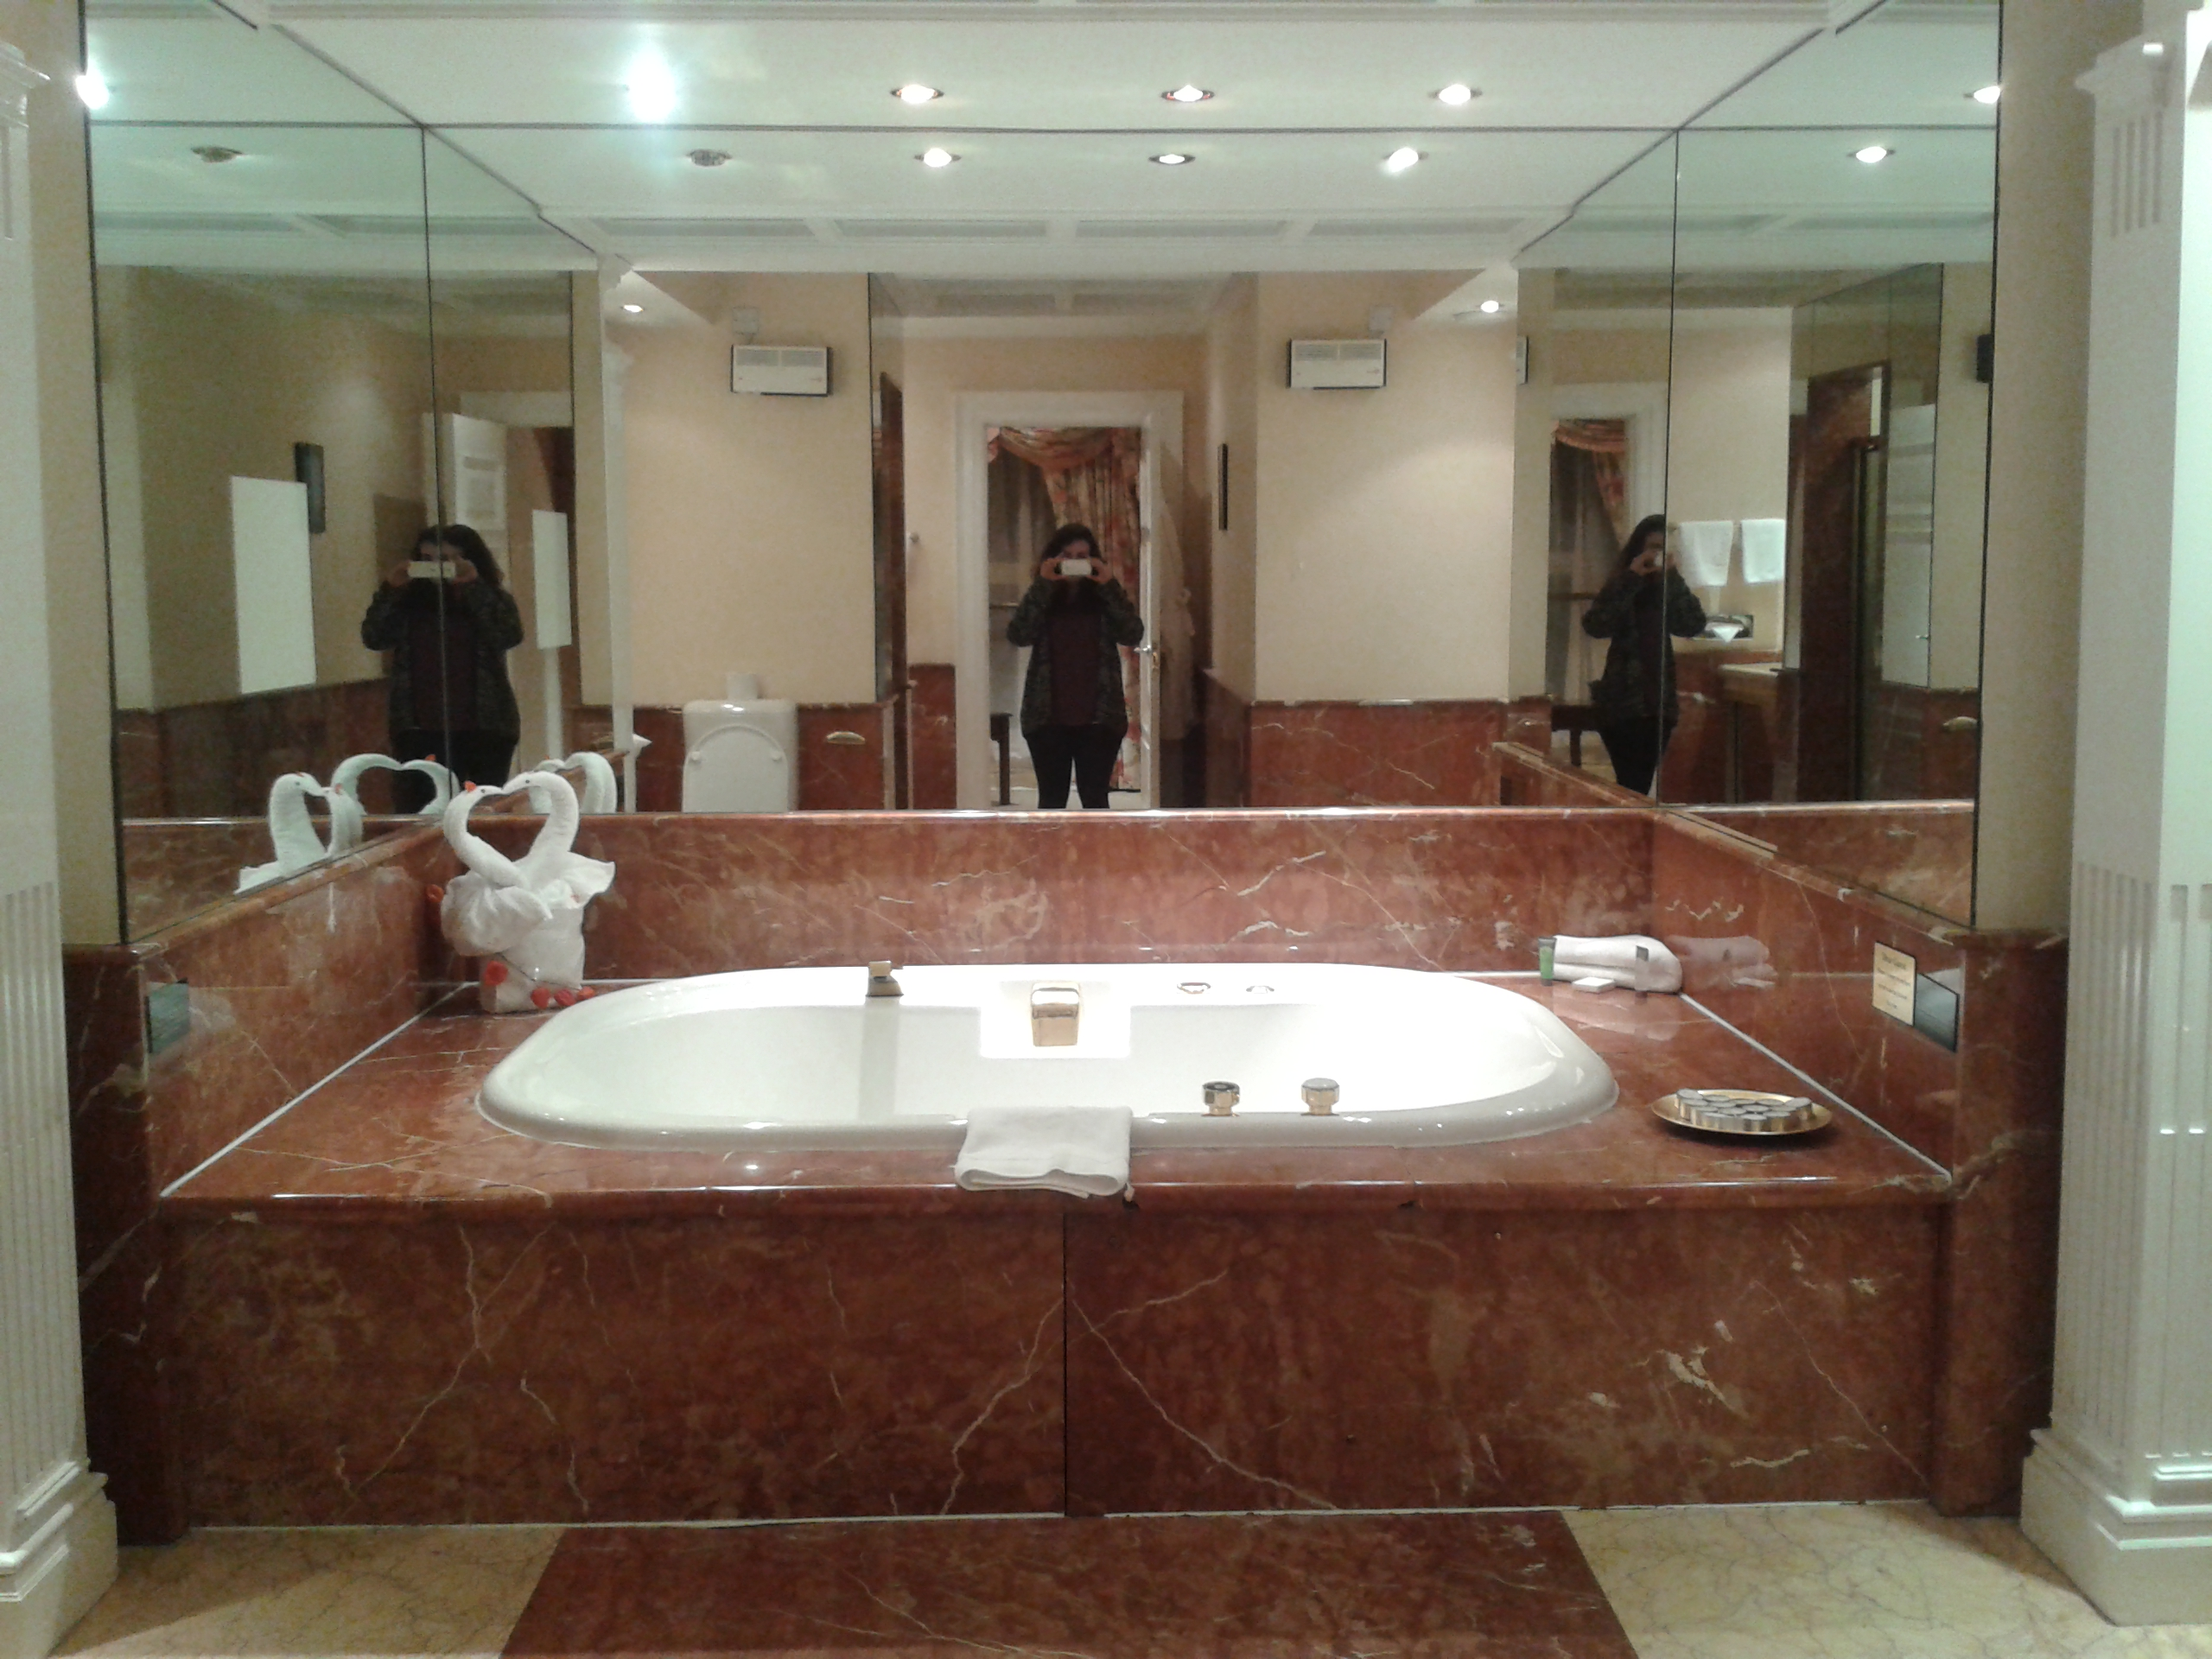 Famous Huge Bathtubs Ideas - The Best Bathroom Ideas - lapoup.com